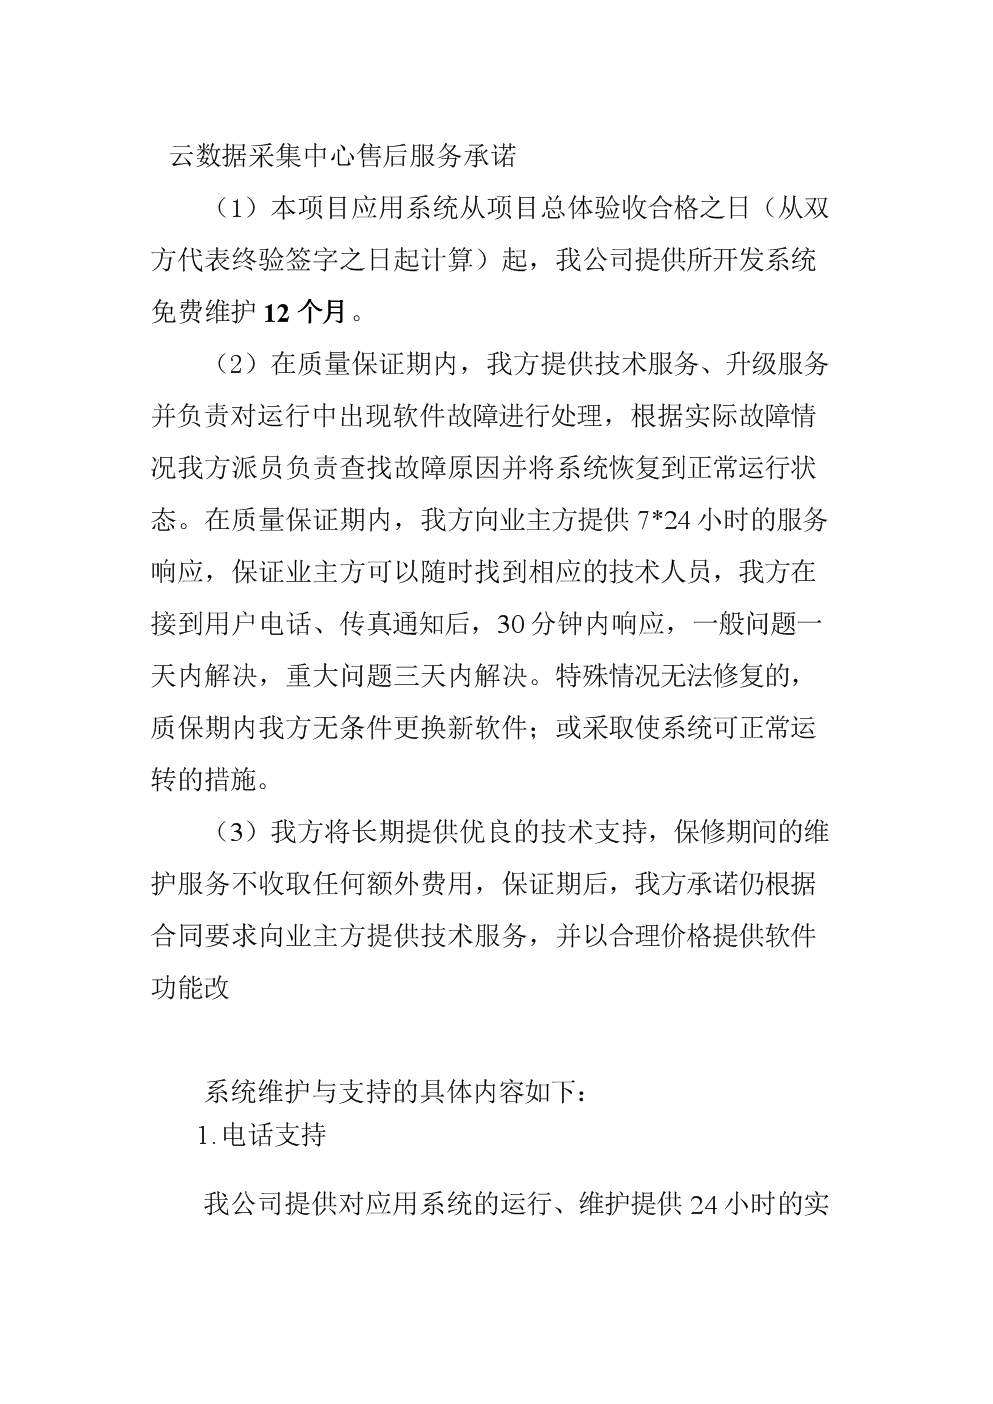 云数据采集中心售后服务承诺.doc